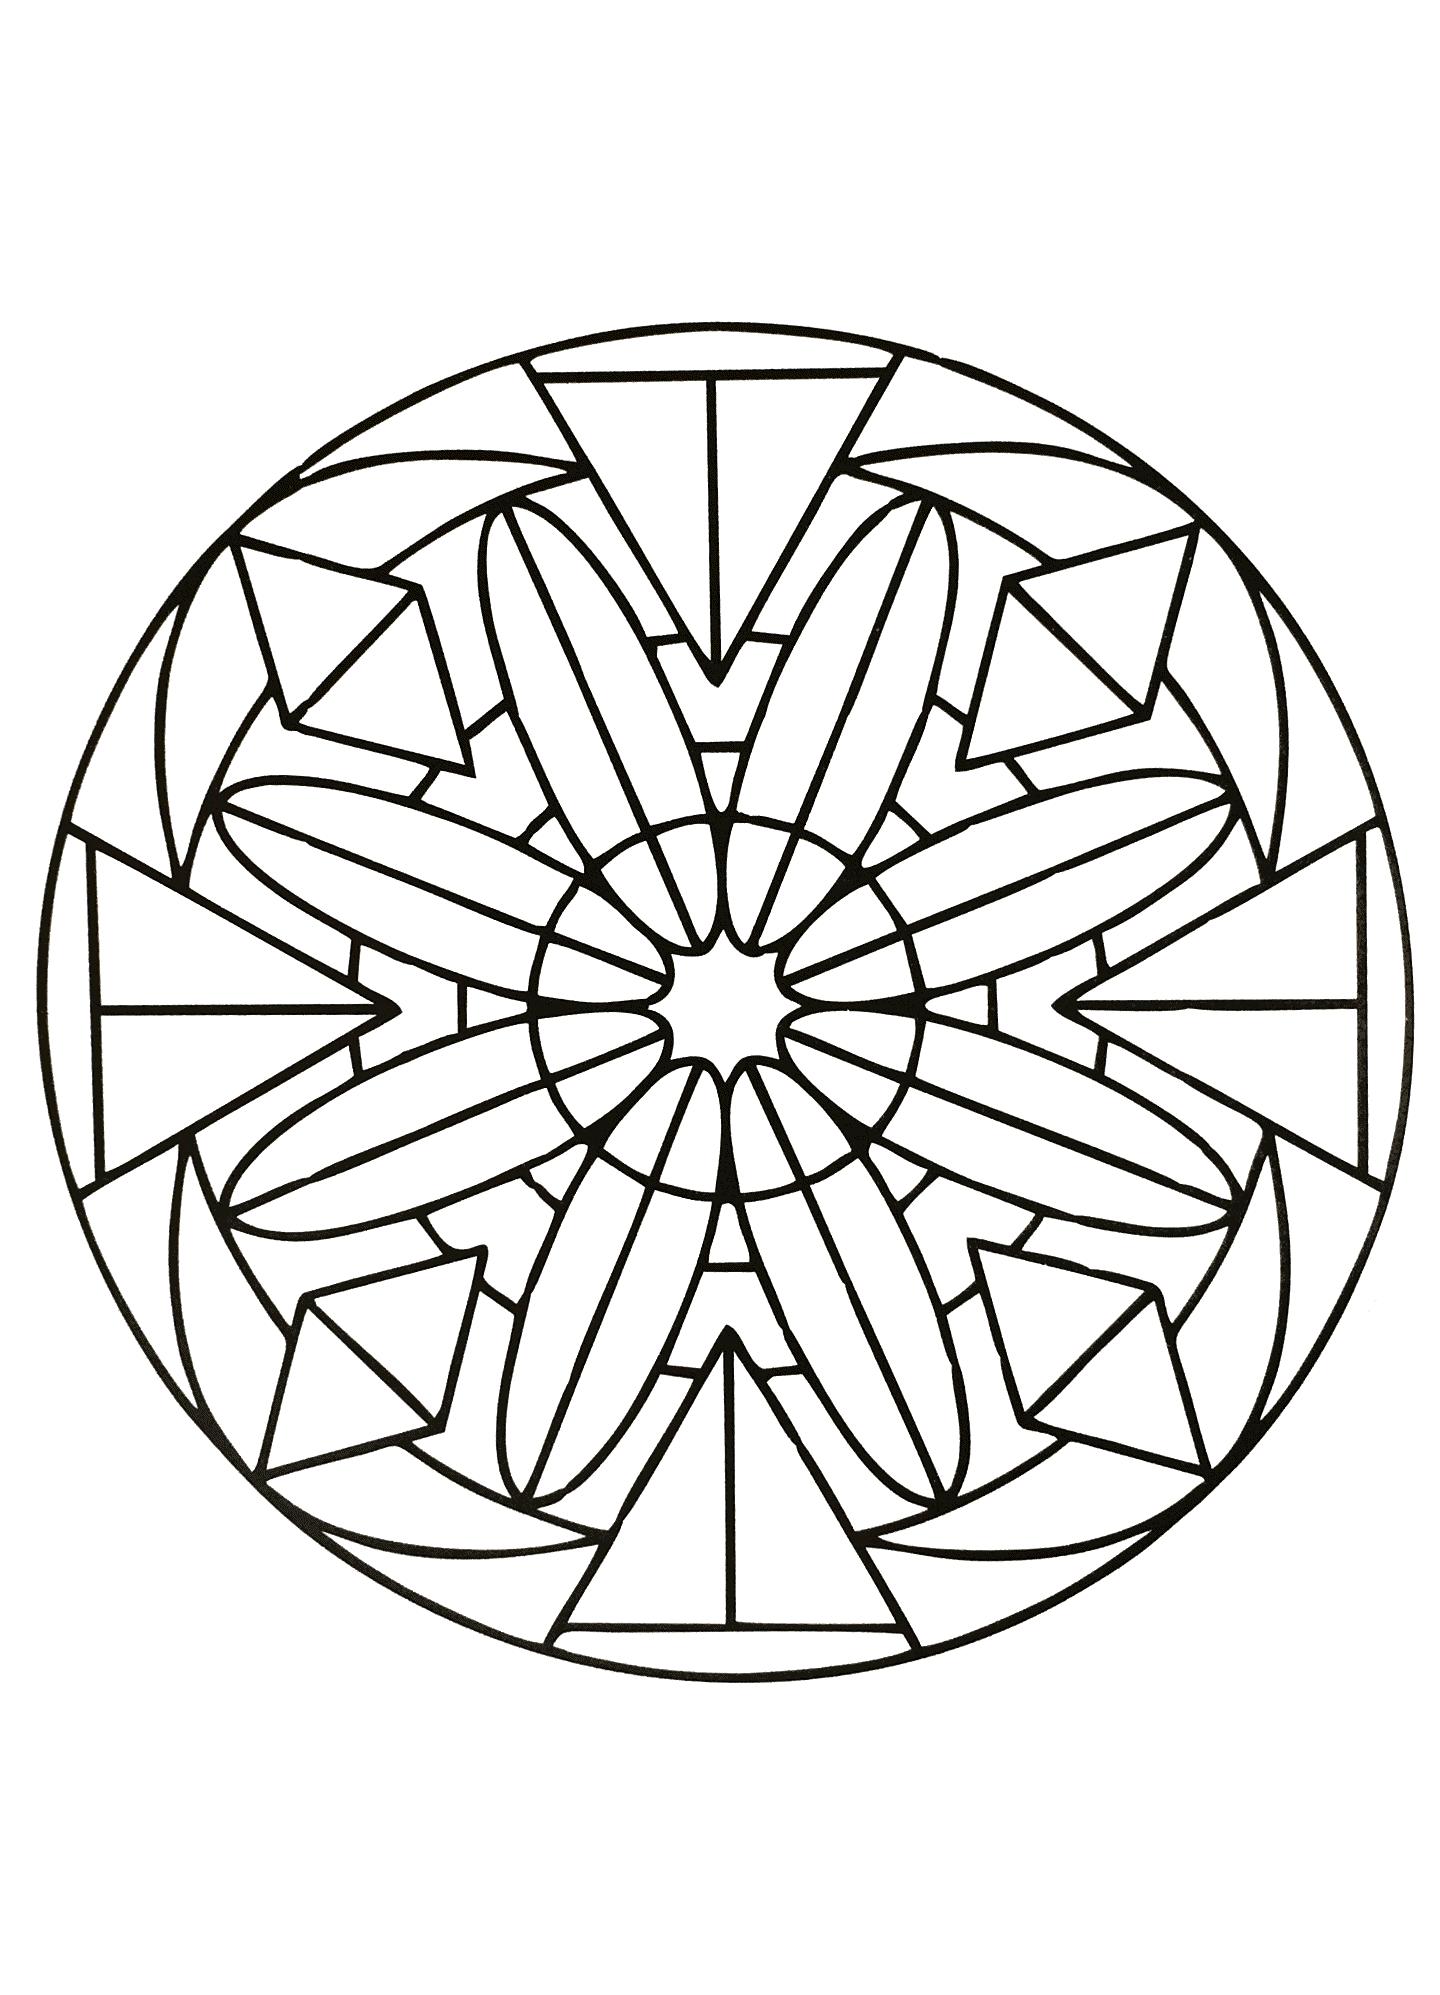 Disegni da colorare per adulti : Mandalas - 52